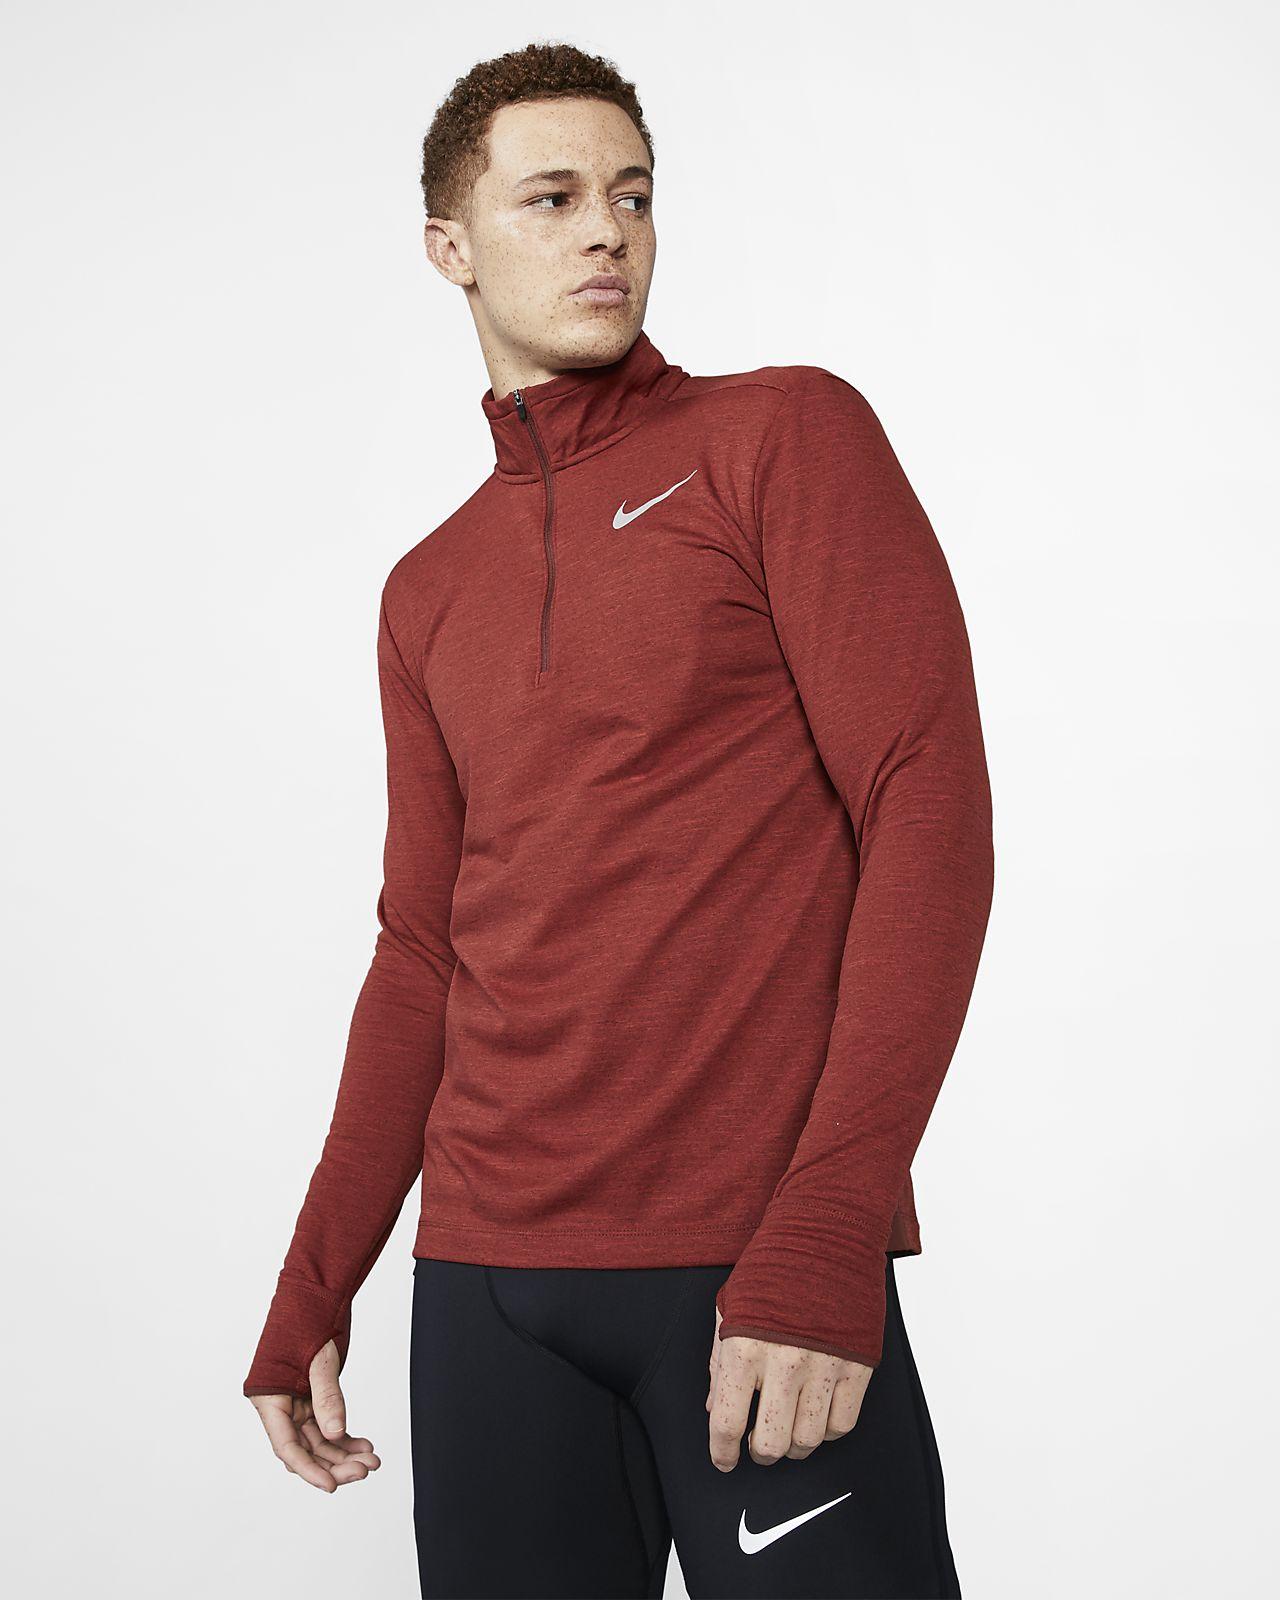 835ec5e6 Nike Therma-Sphere Men's 1/2-Zip Running Top. Nike.com CA